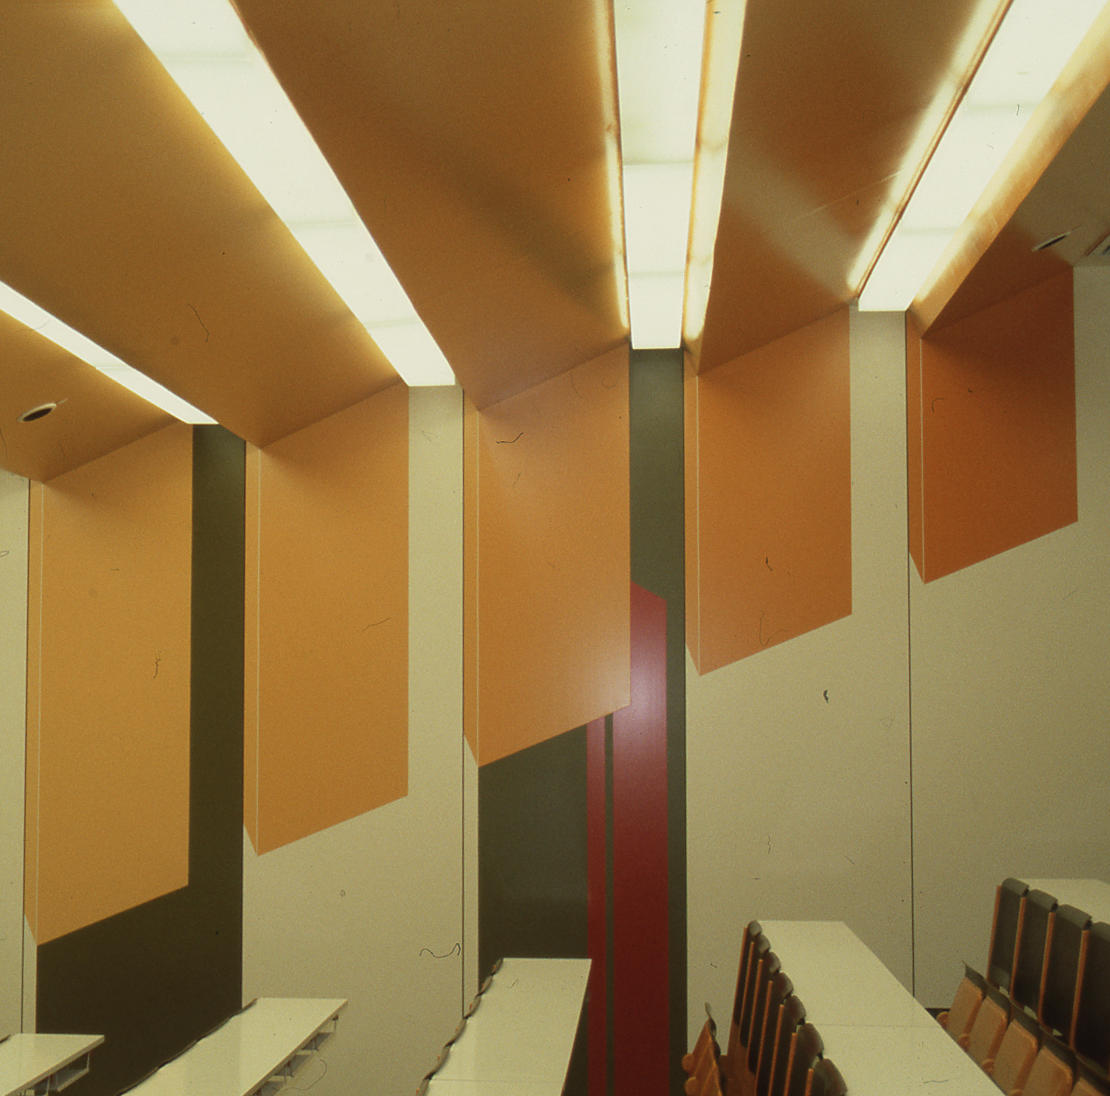 Königslutter, Schulzentrum, Lehrraum (Architekten PJS, 1971–1977) (Bild: SAIB G124)